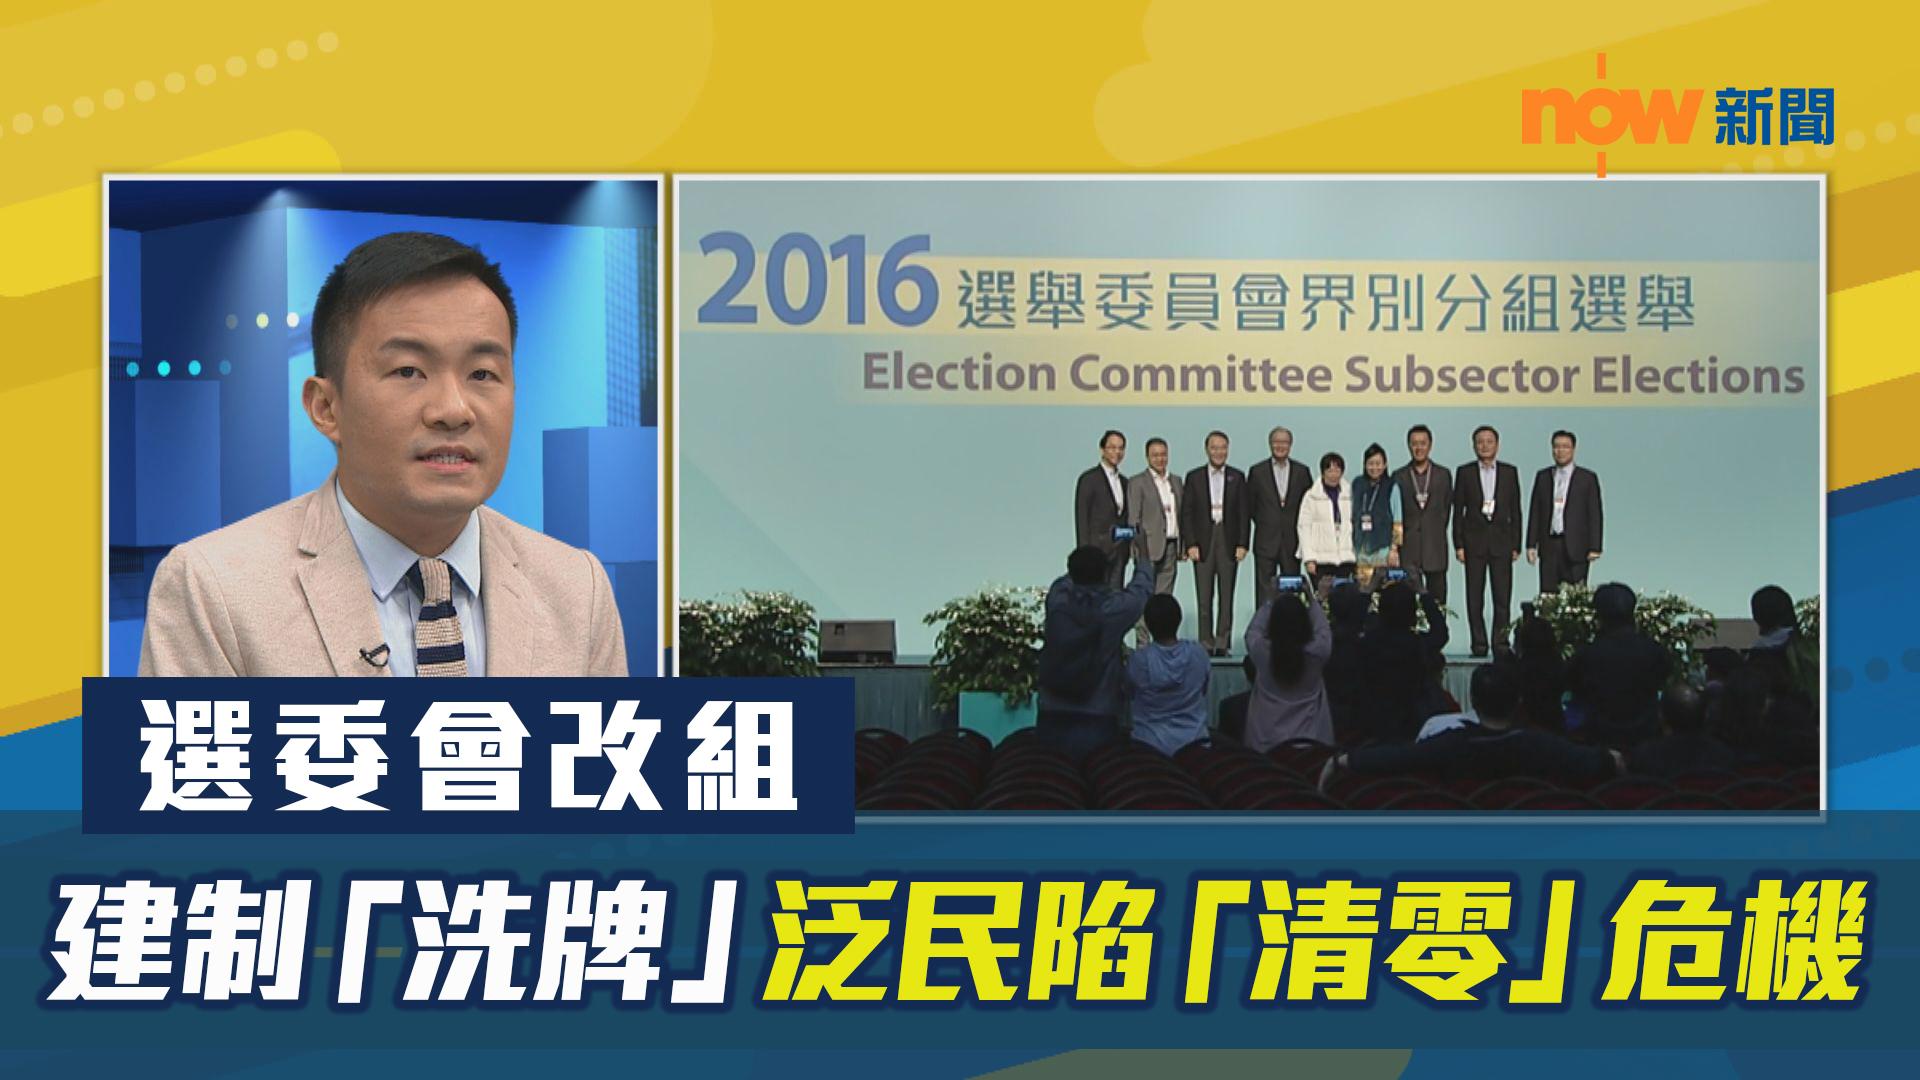 【政情】選委會改組 建制「洗牌」泛民陷「清零」危機